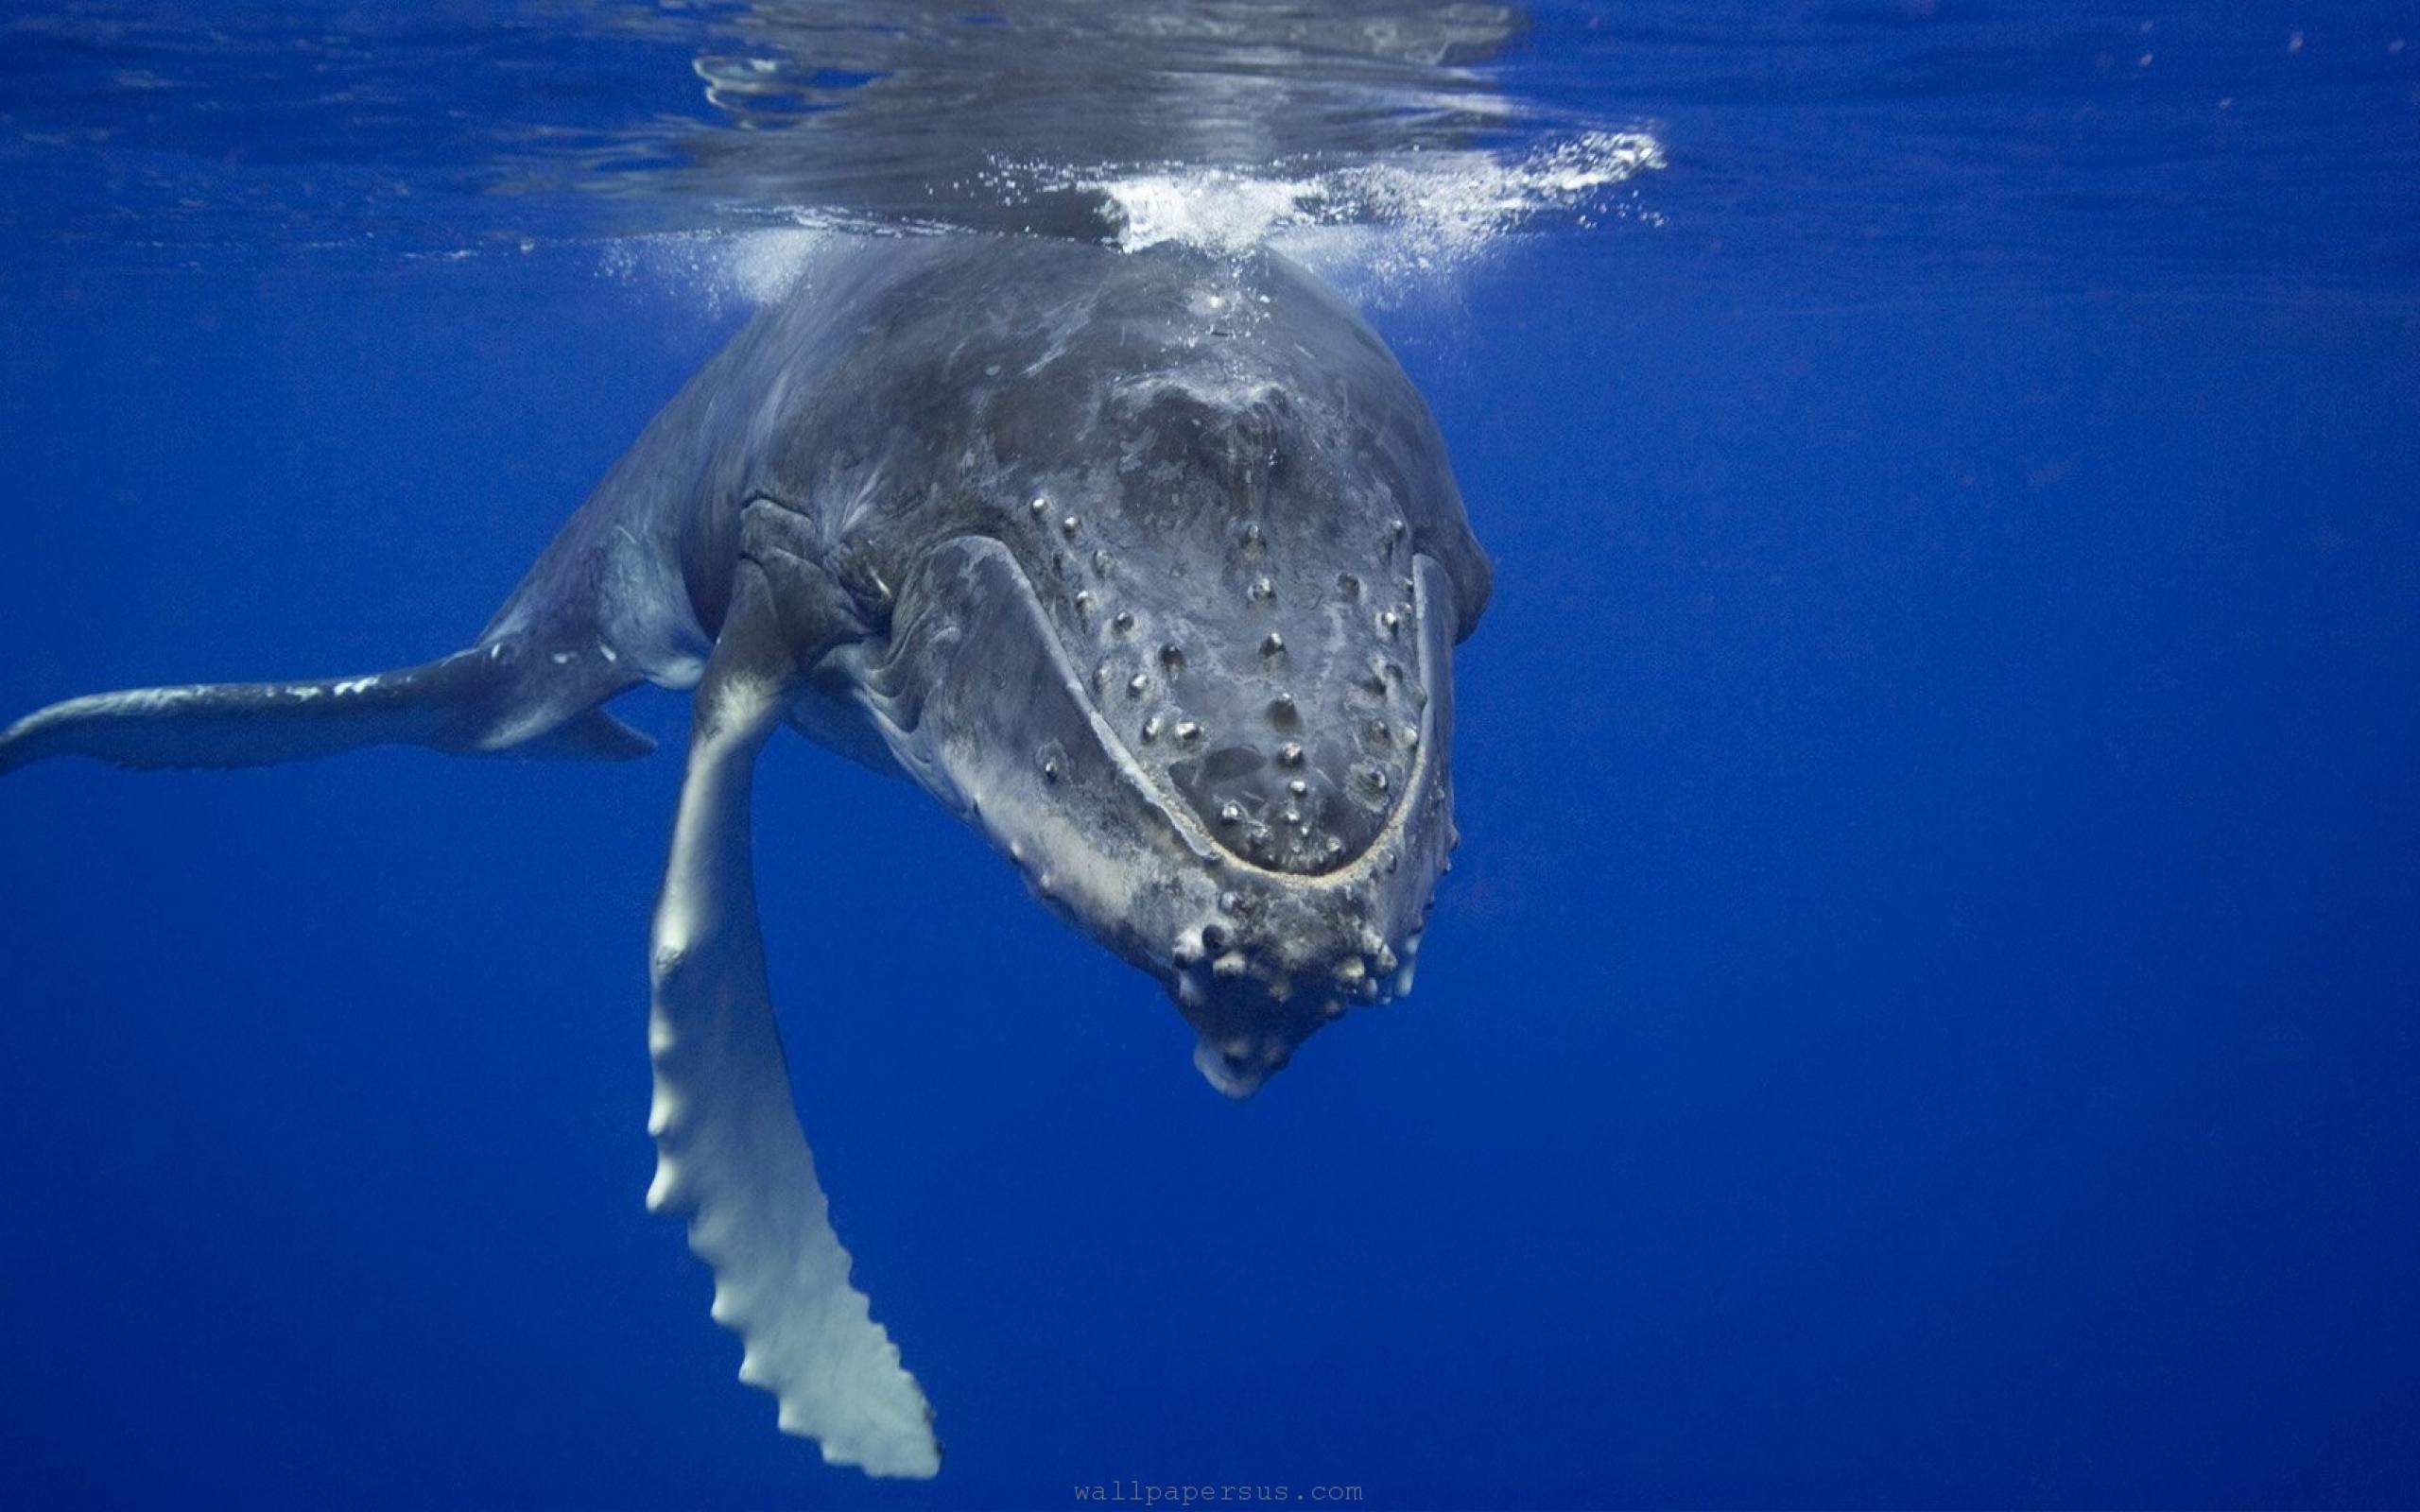 Underwater Blue Whale